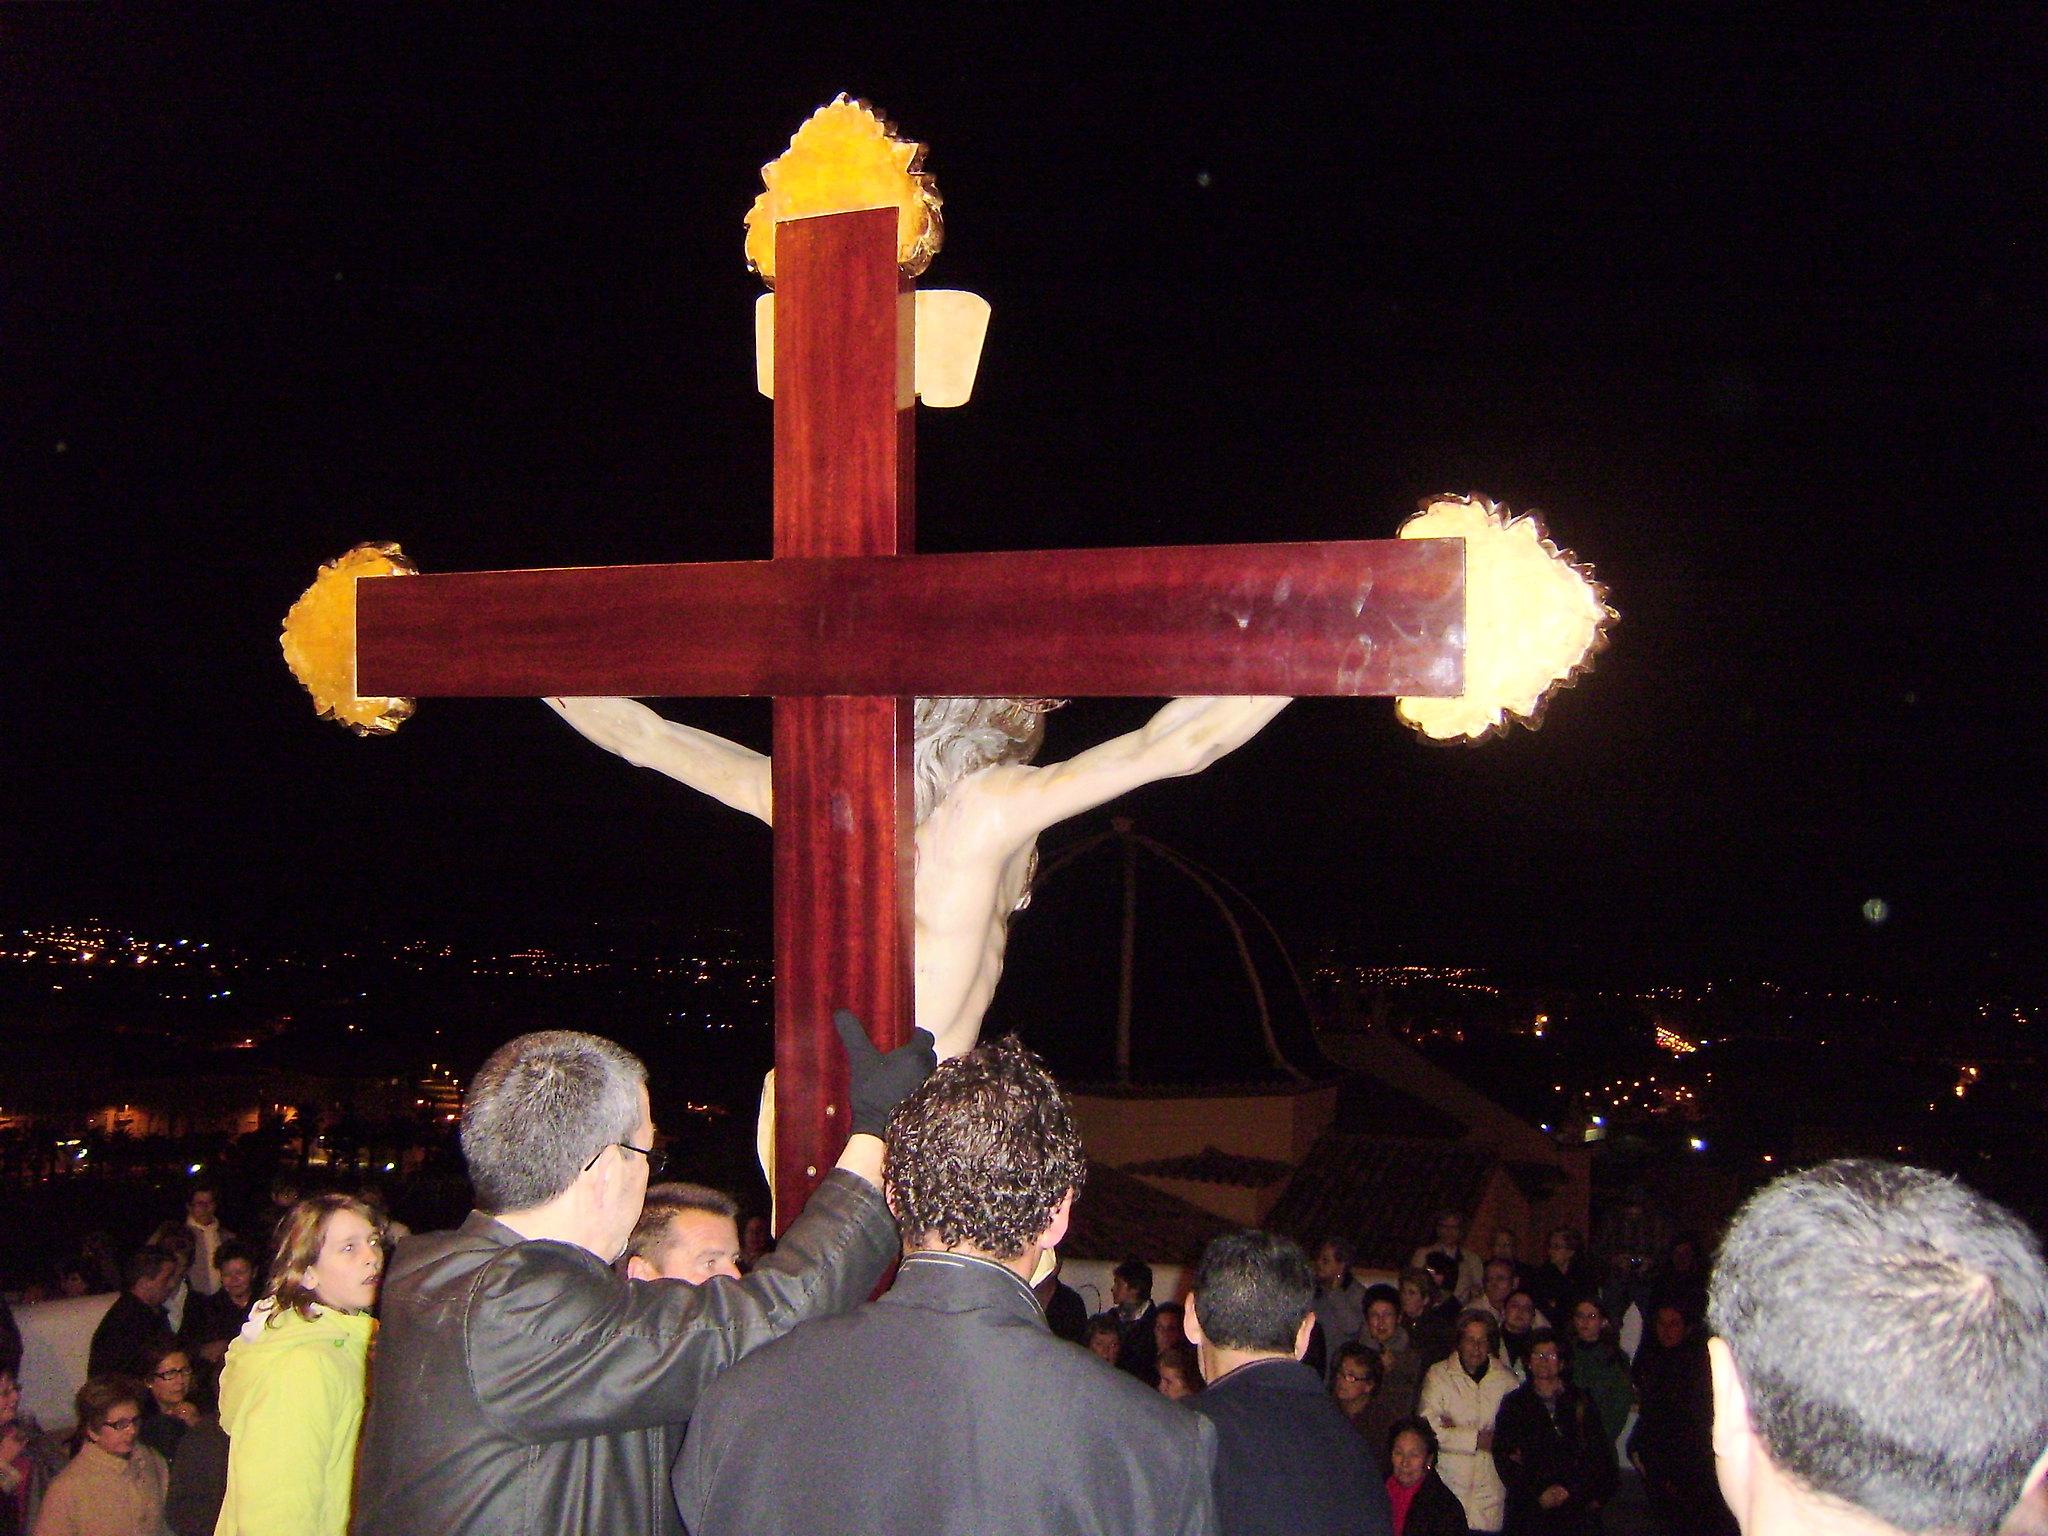 (2010-03-26) - I Vía Crucis nocturno - Javier Romero Ripoll - (20)